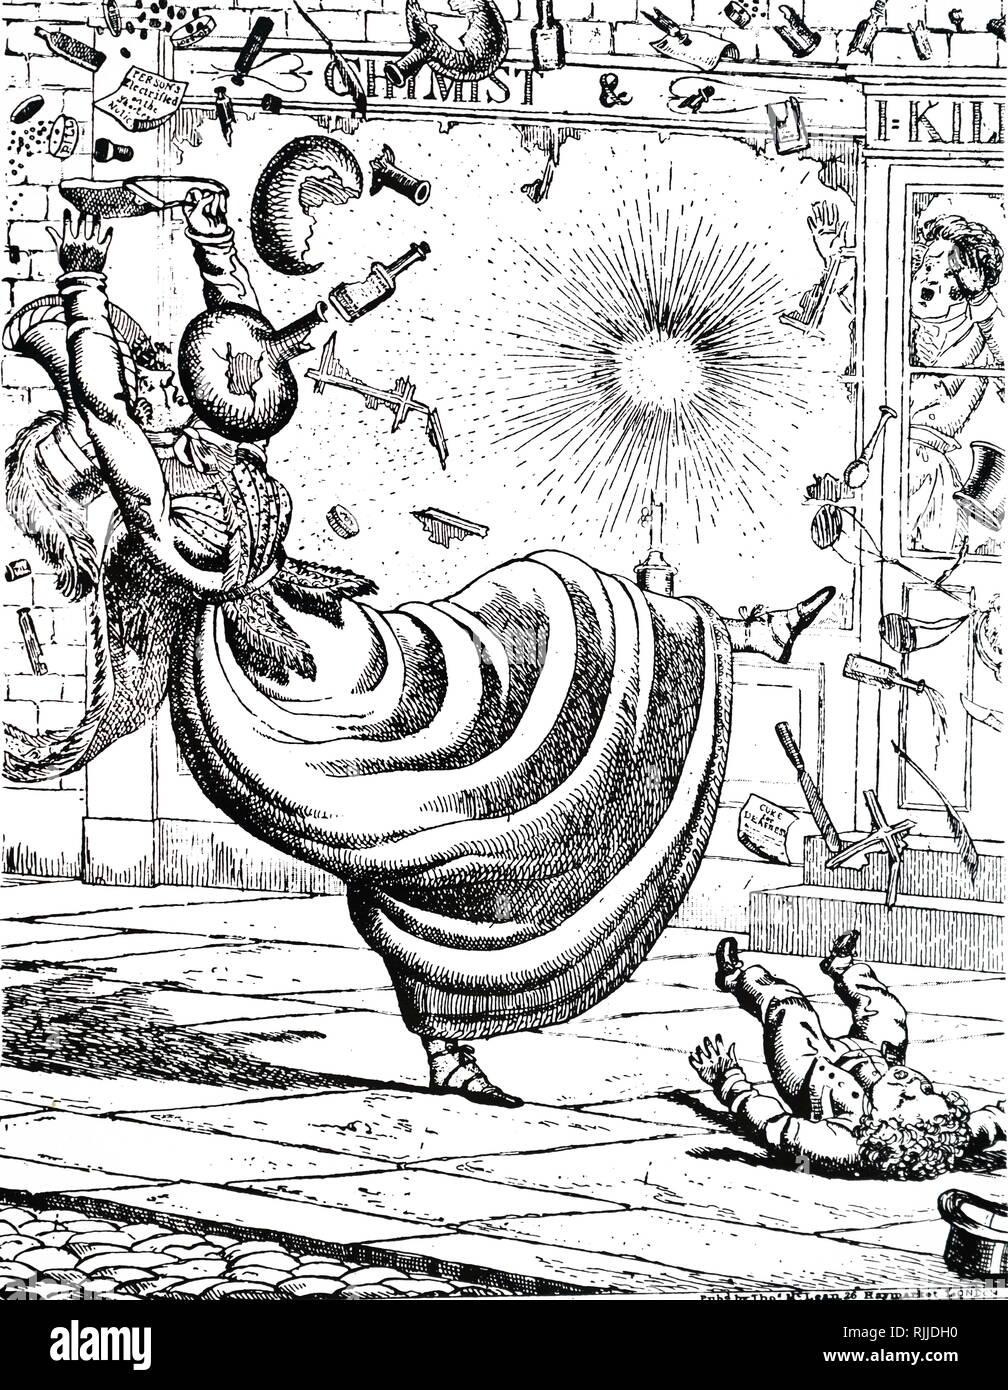 Une caricature des commentaires sur les avantages du gaz d'éclairage au-dessus de l'huile. Illustré par Richard Dighton (1795-1880) un artiste anglais dans la période de régence. En date du 19e siècle Photo Stock